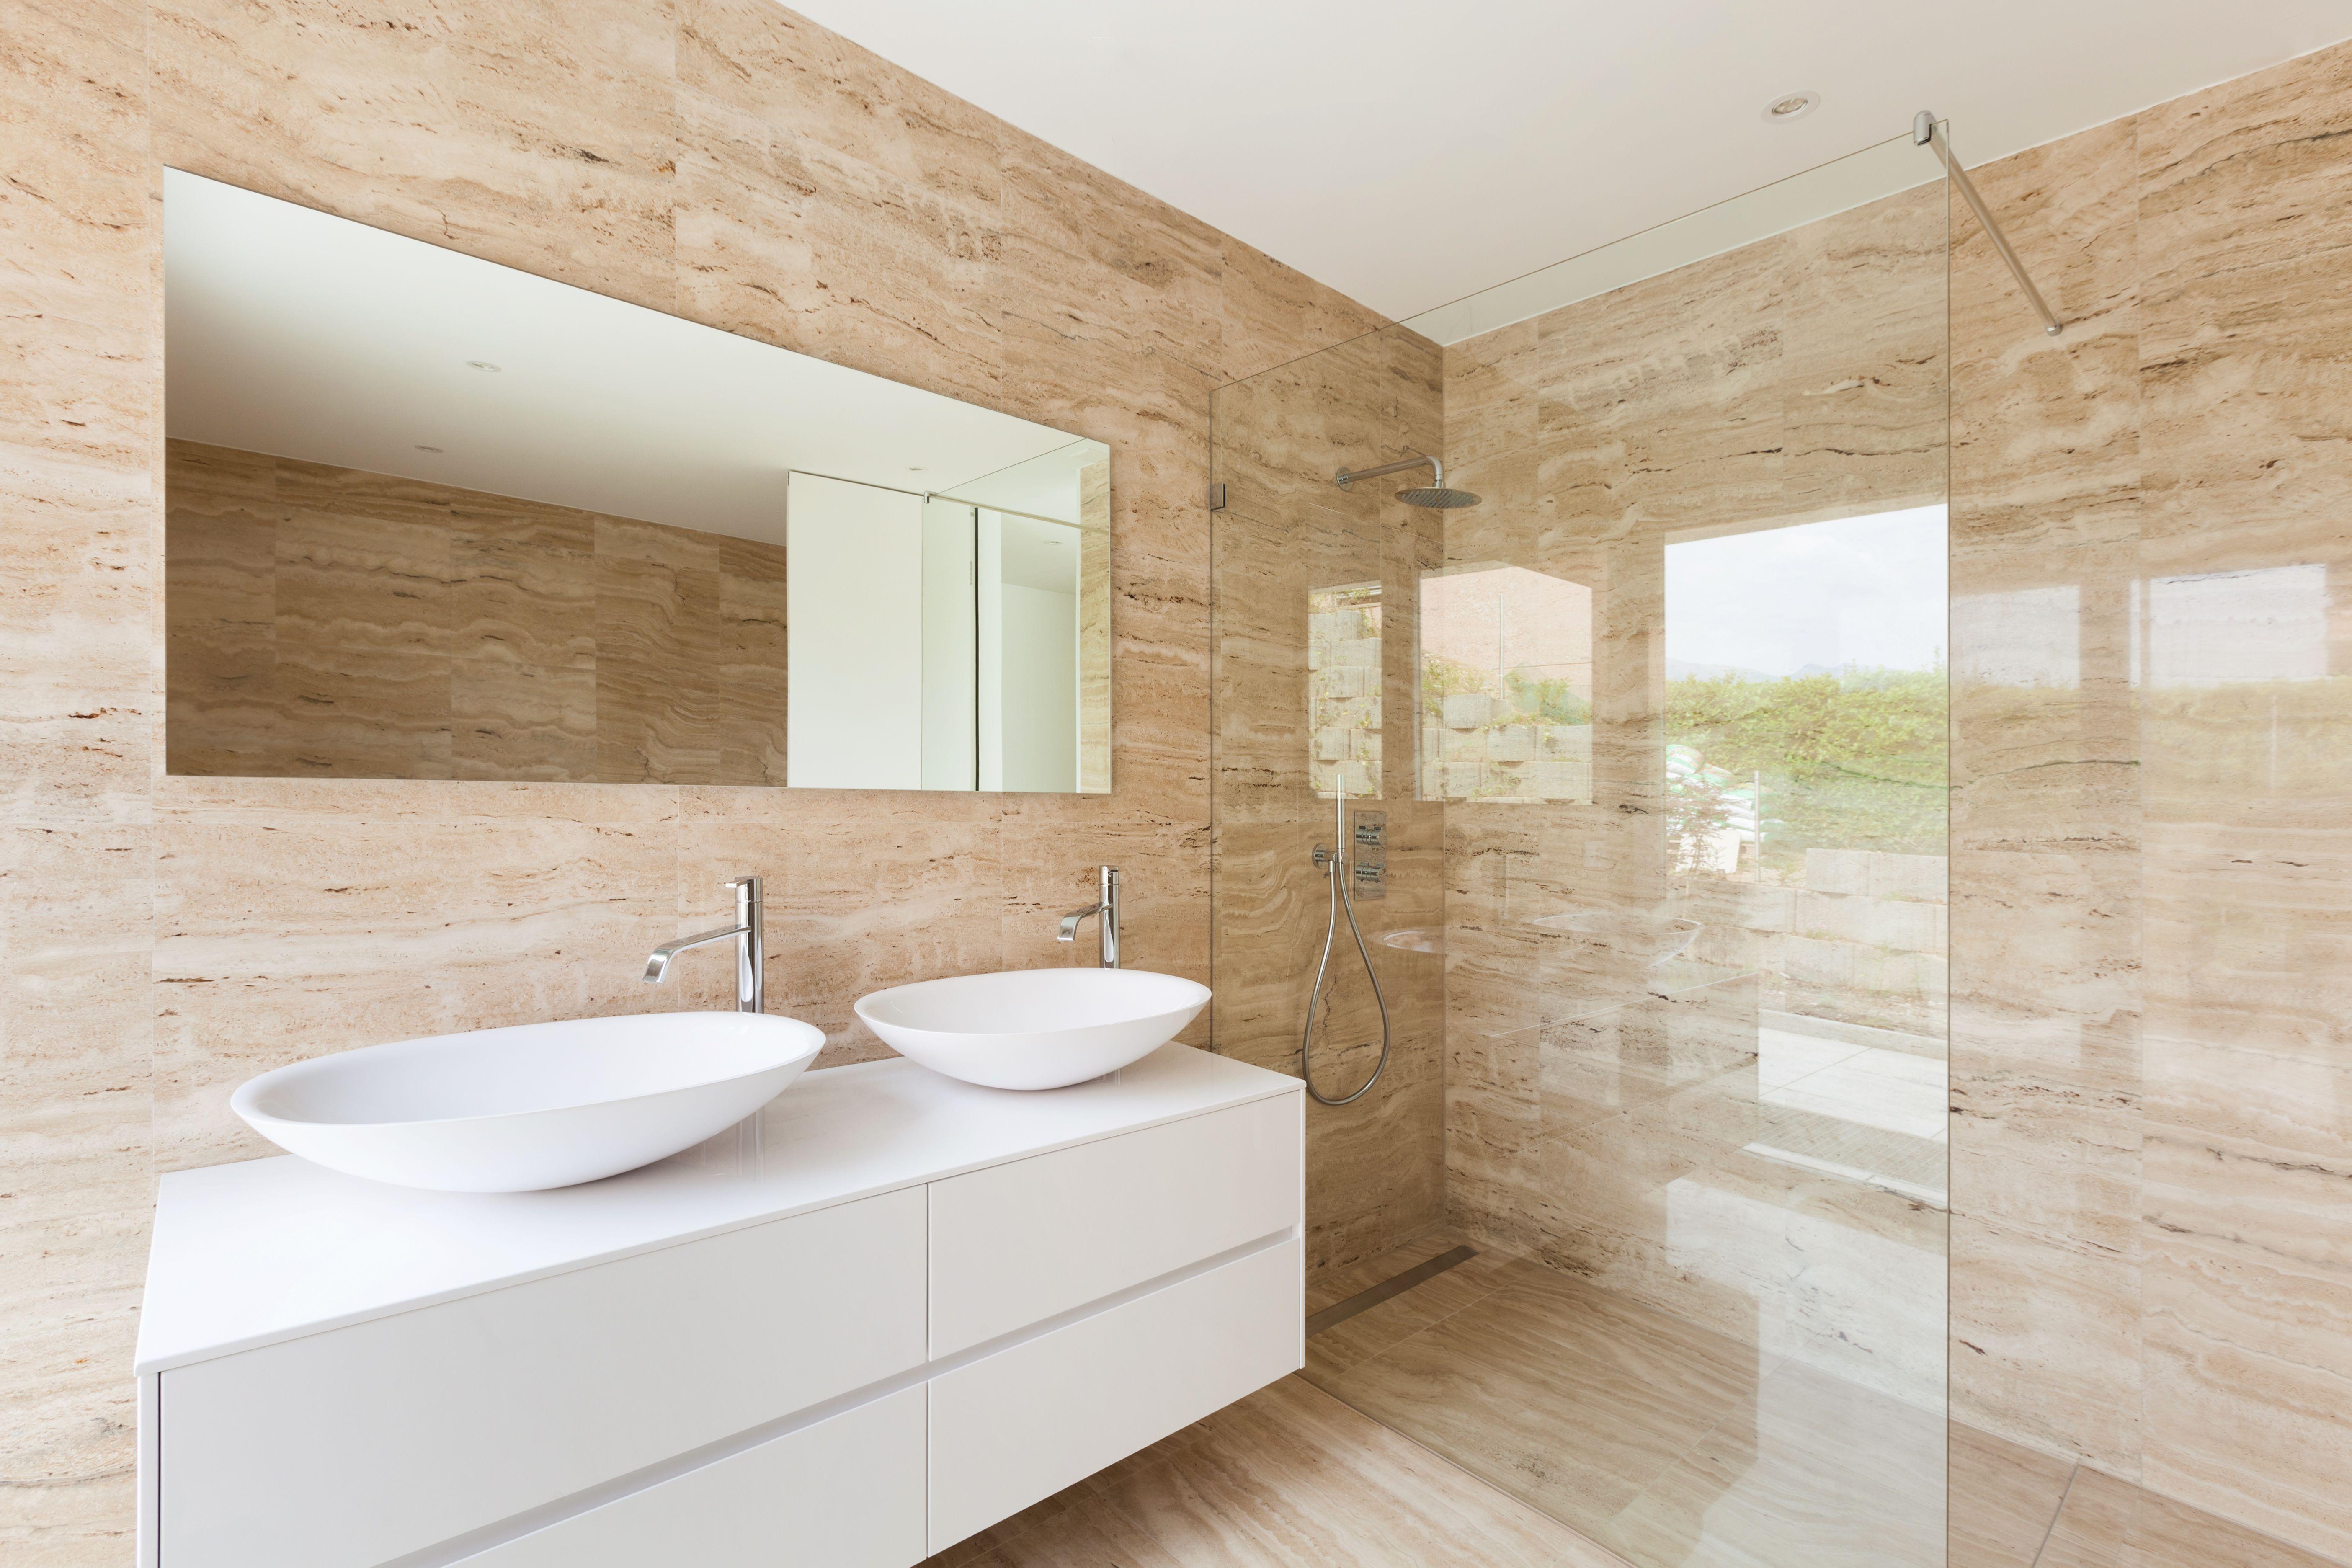 Limpiadores, superficies, productos de baño: Productos de Corbimat